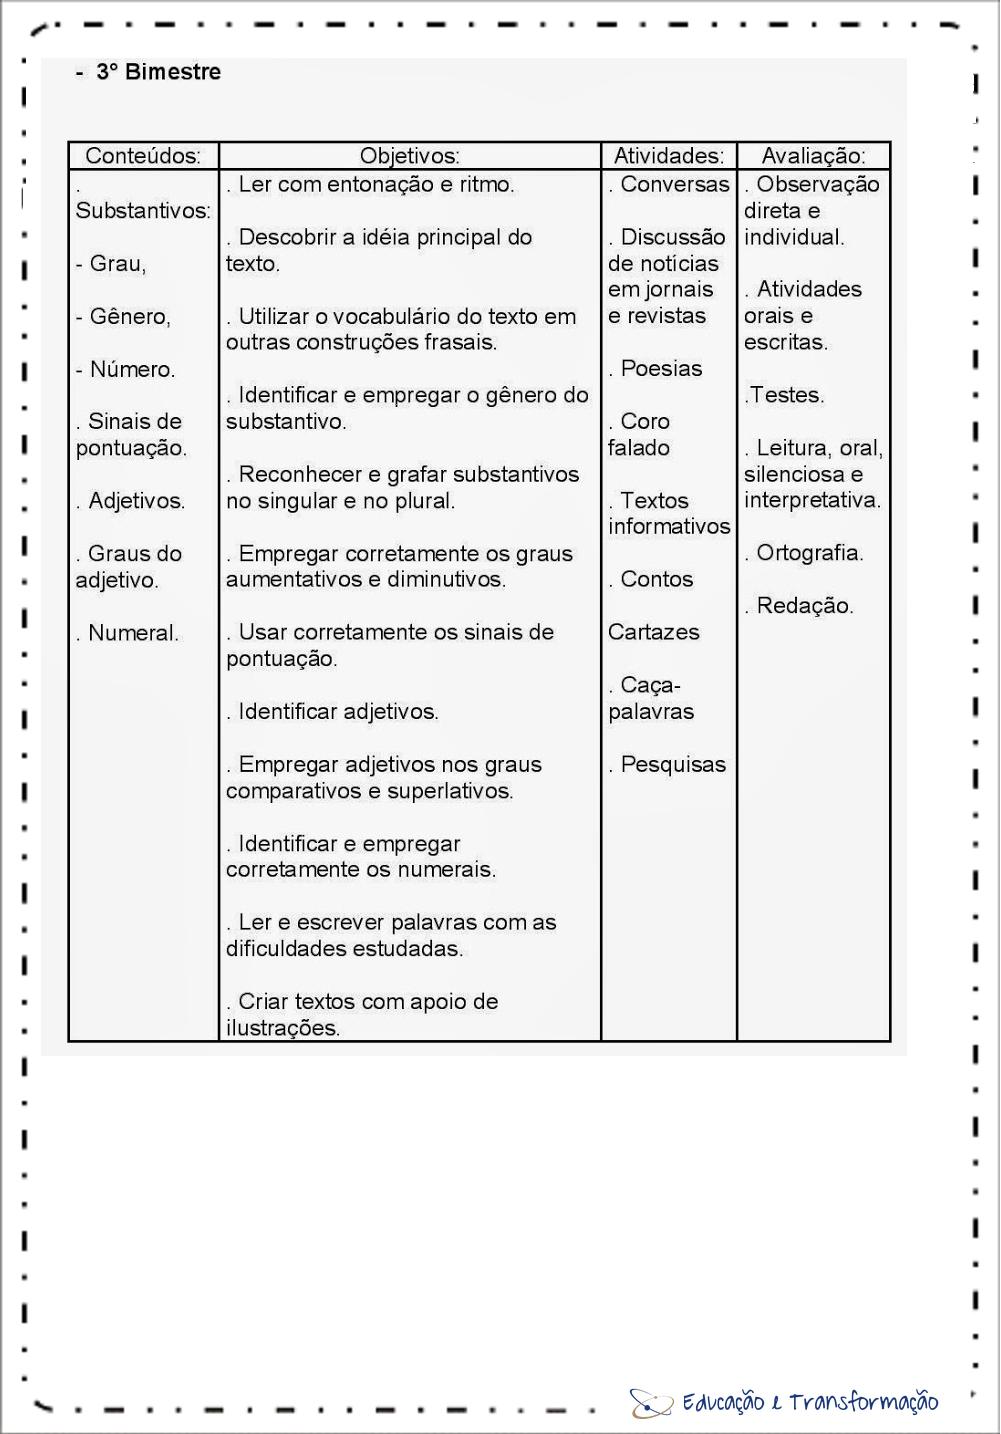 Planejamento anual 4 ano de Português 3º Bimestre